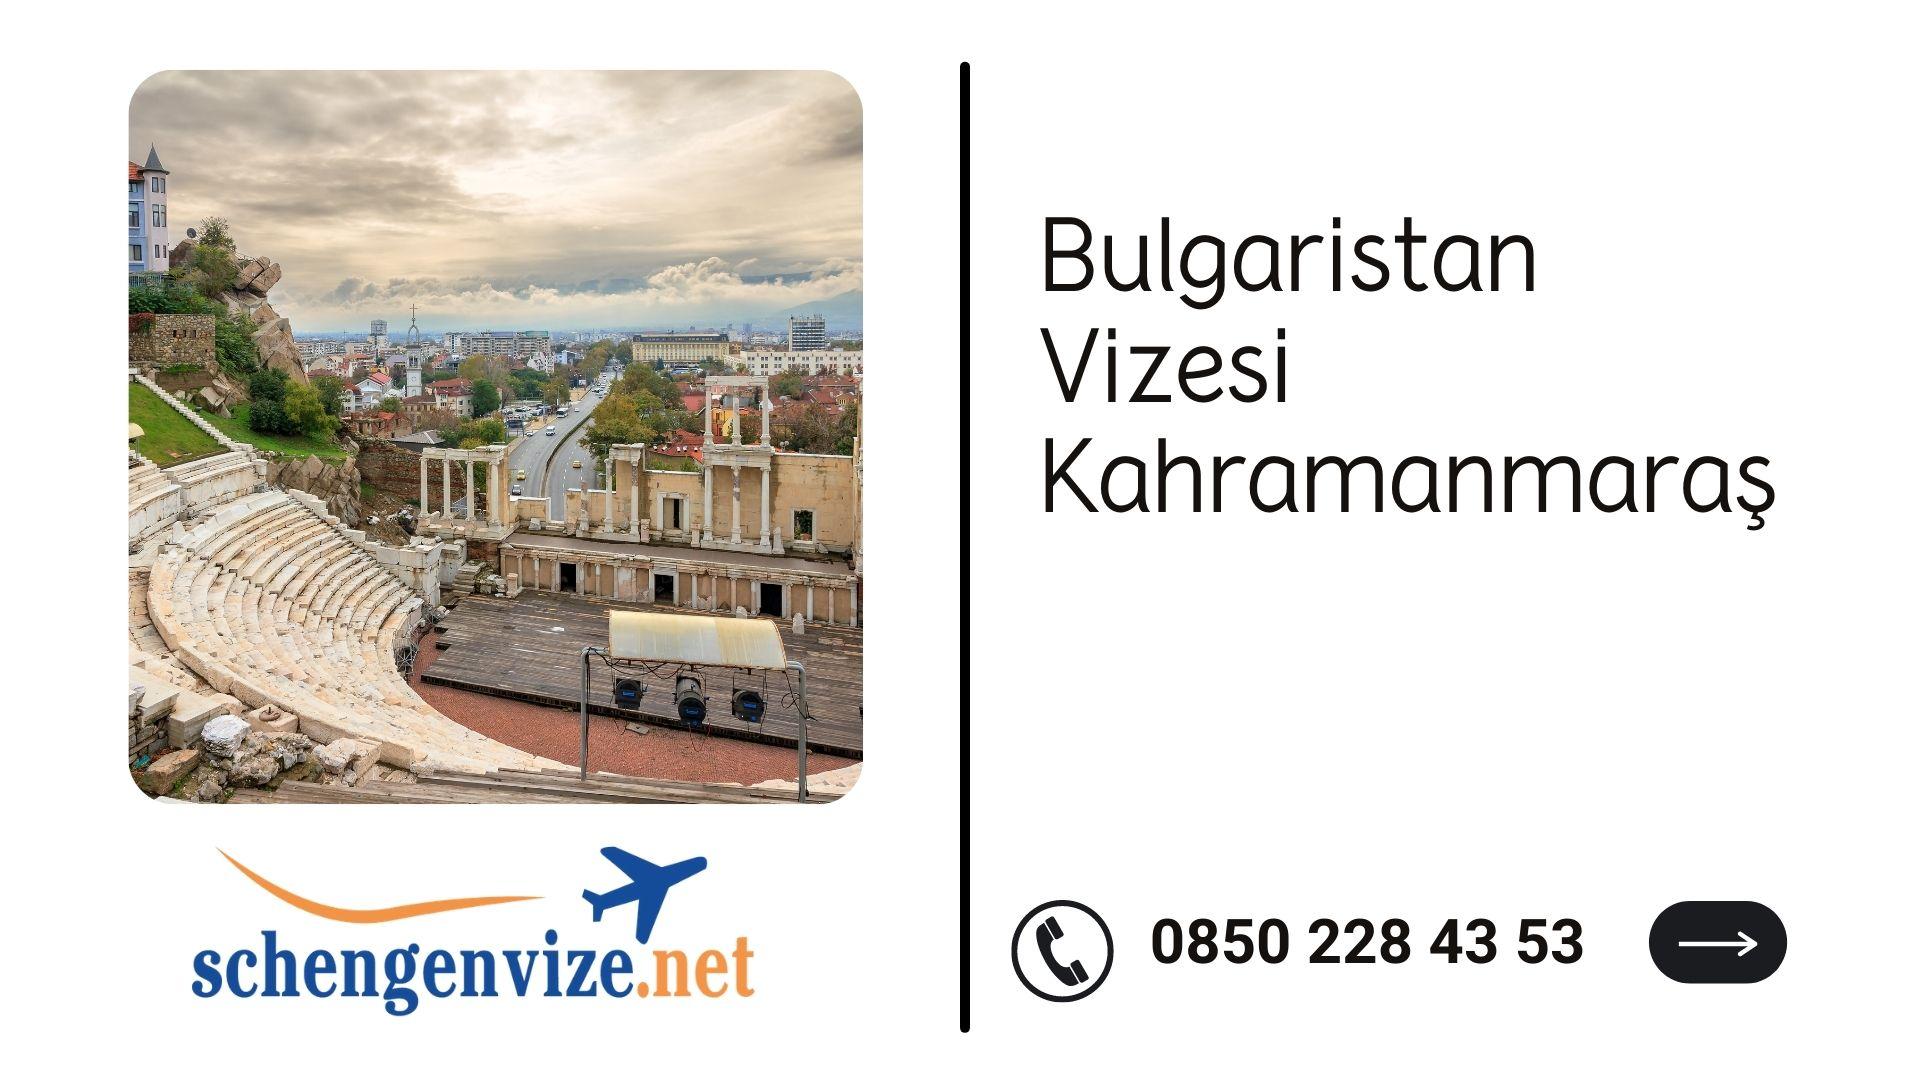 Bulgaristan Vizesi Kahramanmaraş